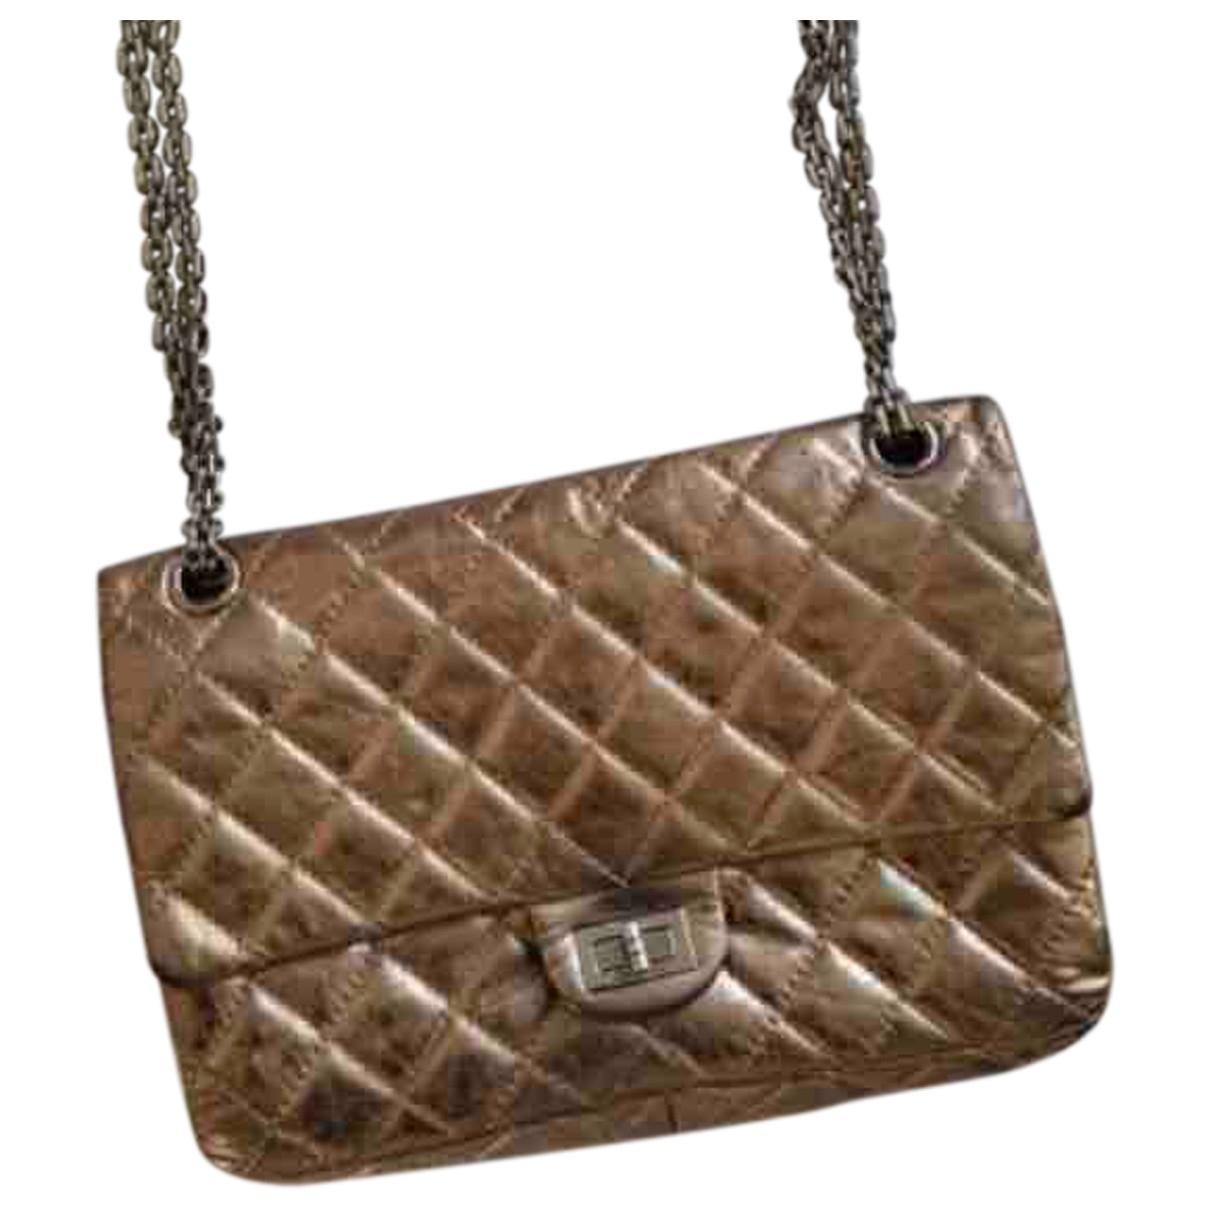 Chanel 2.55 Handtasche in  Gold Leder